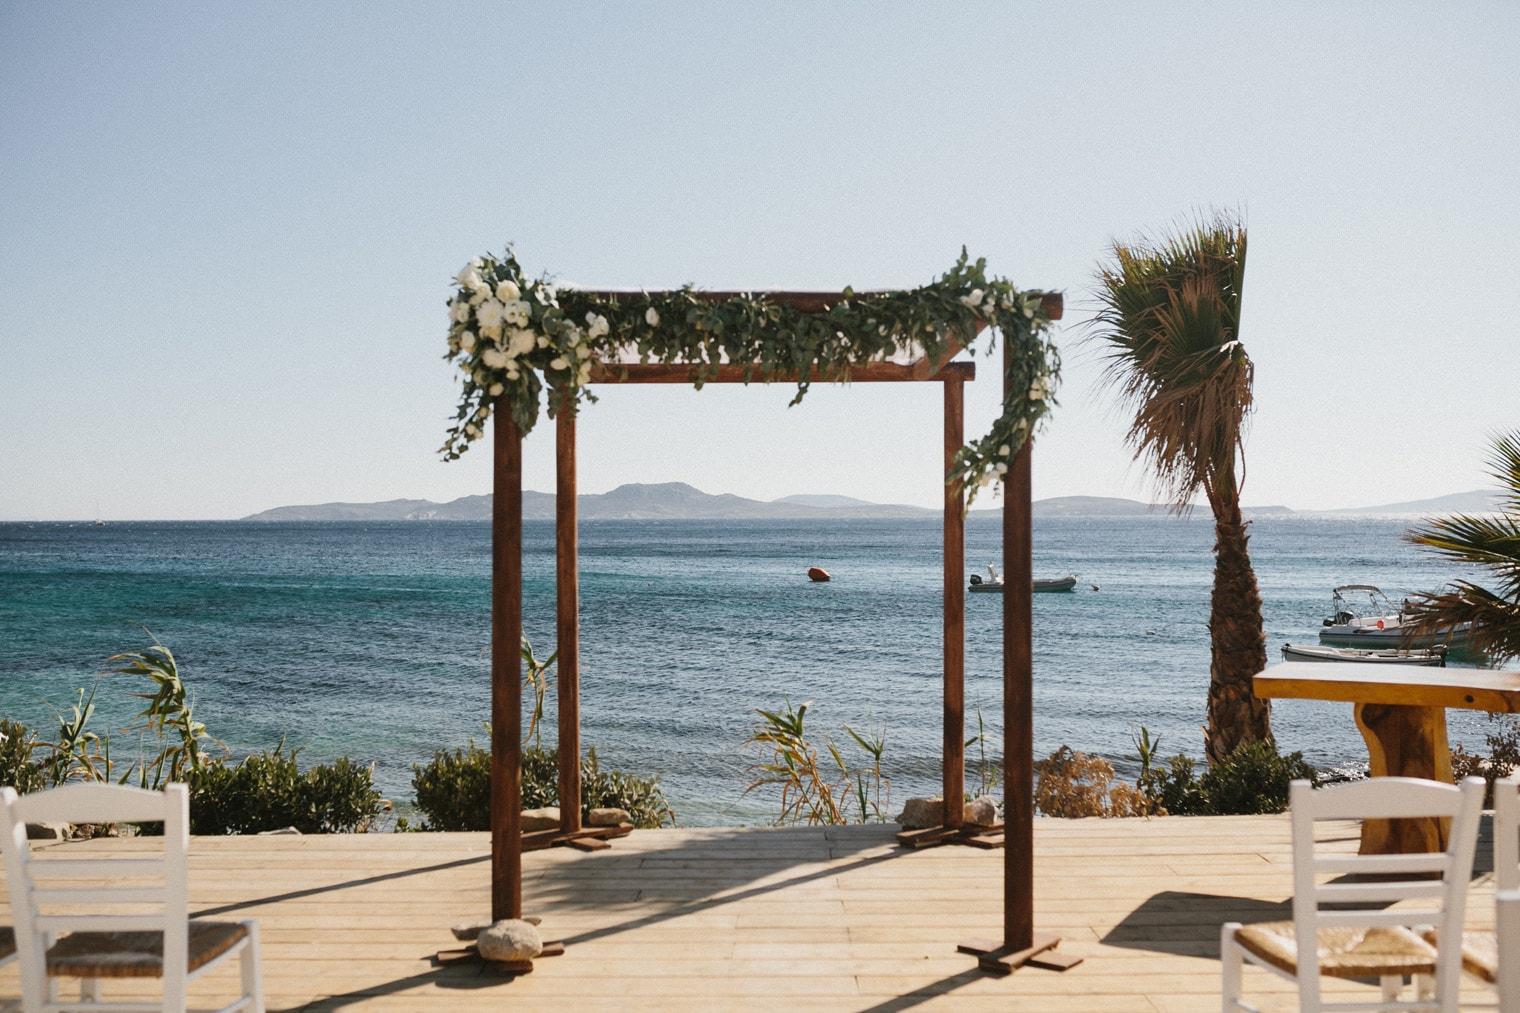 Hippie Fish Mykonos Greece Wedding Venue in Greece